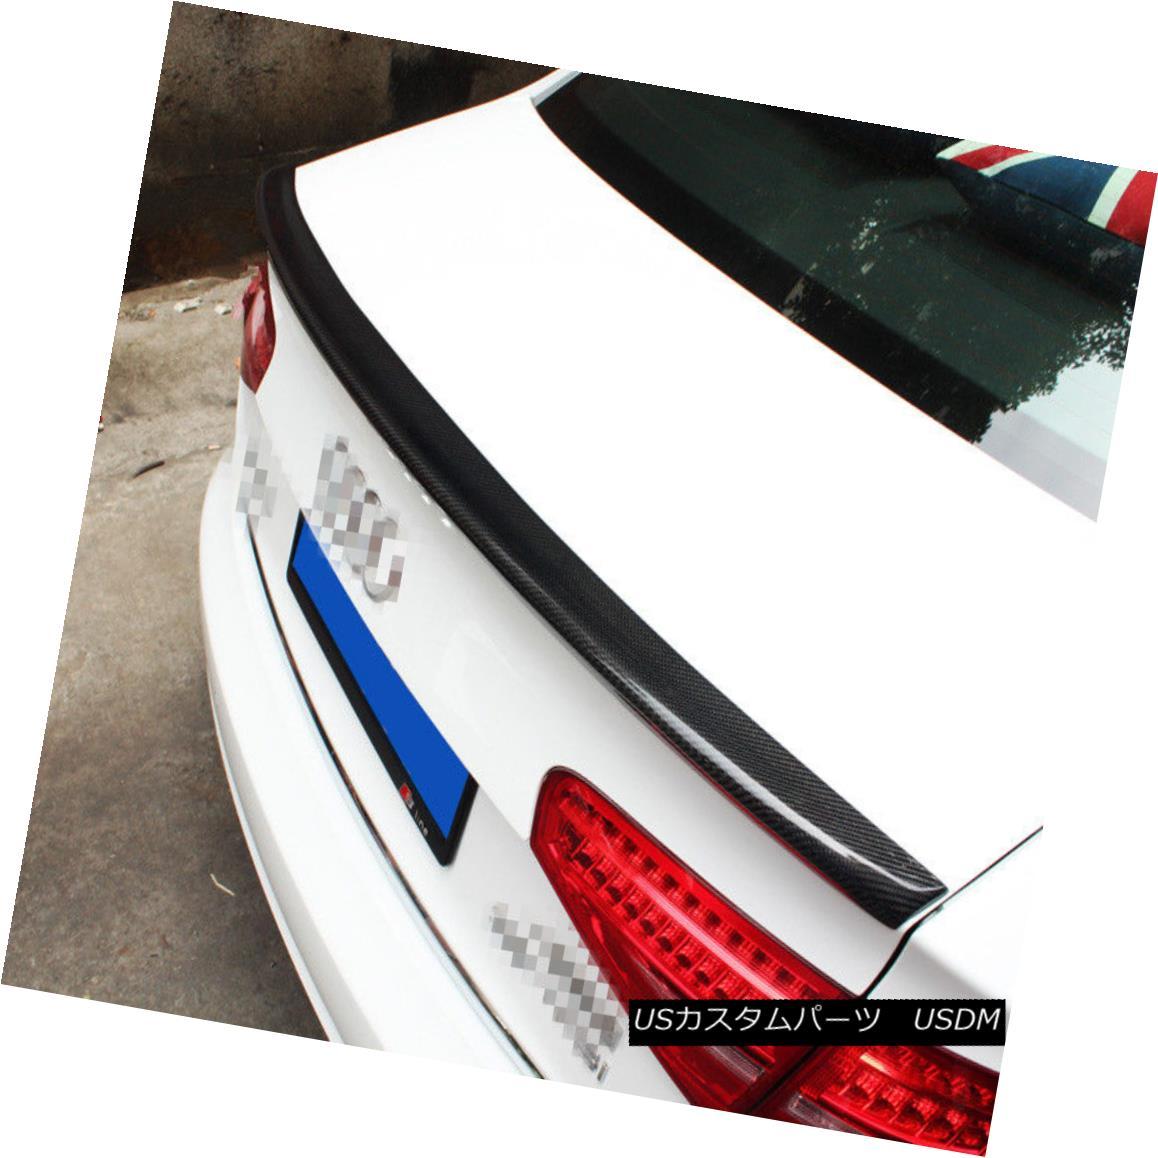 エアロパーツ Fit For AUDI A4 Pre LCI B8 2008-2012 S STYLE CARBON FIBER REAR TRUNK LIP SPOILER AUDI A4フィット前LCI B8 2008-2012 Sスタイルカーボンファイバーリアトランクリップスポイラー